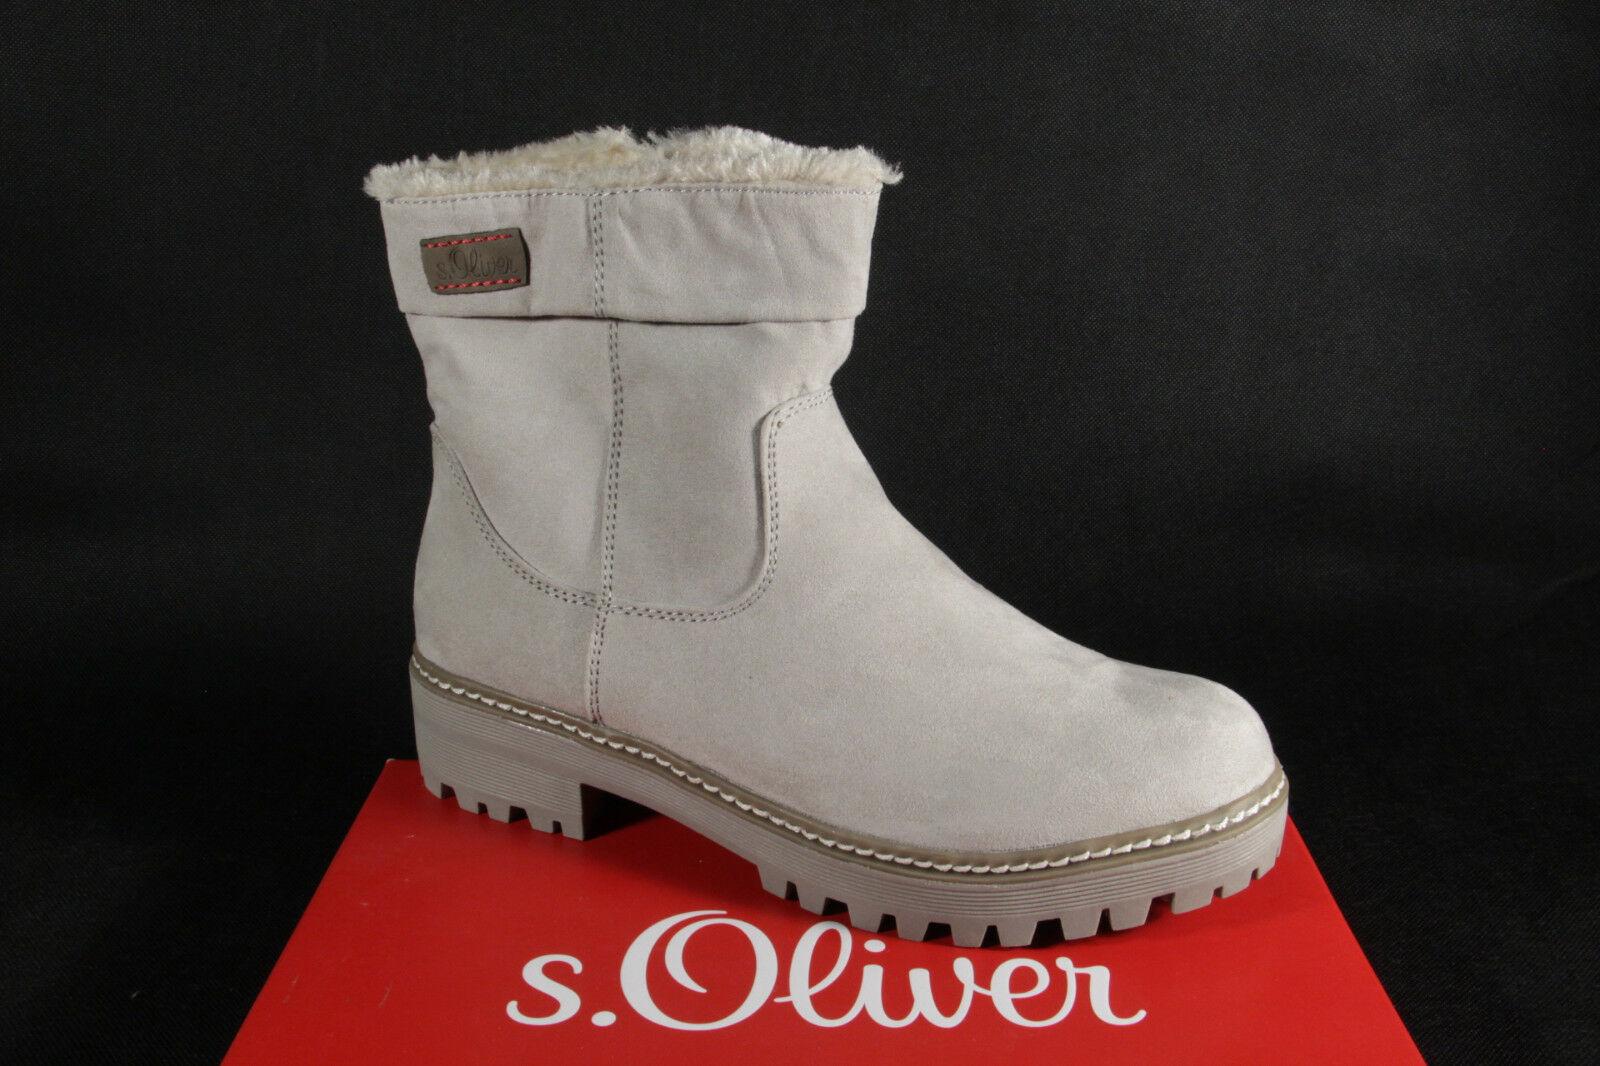 Damen S.Oliver Stiefel, 26475 NEU grau Winterstiefel Stiefel